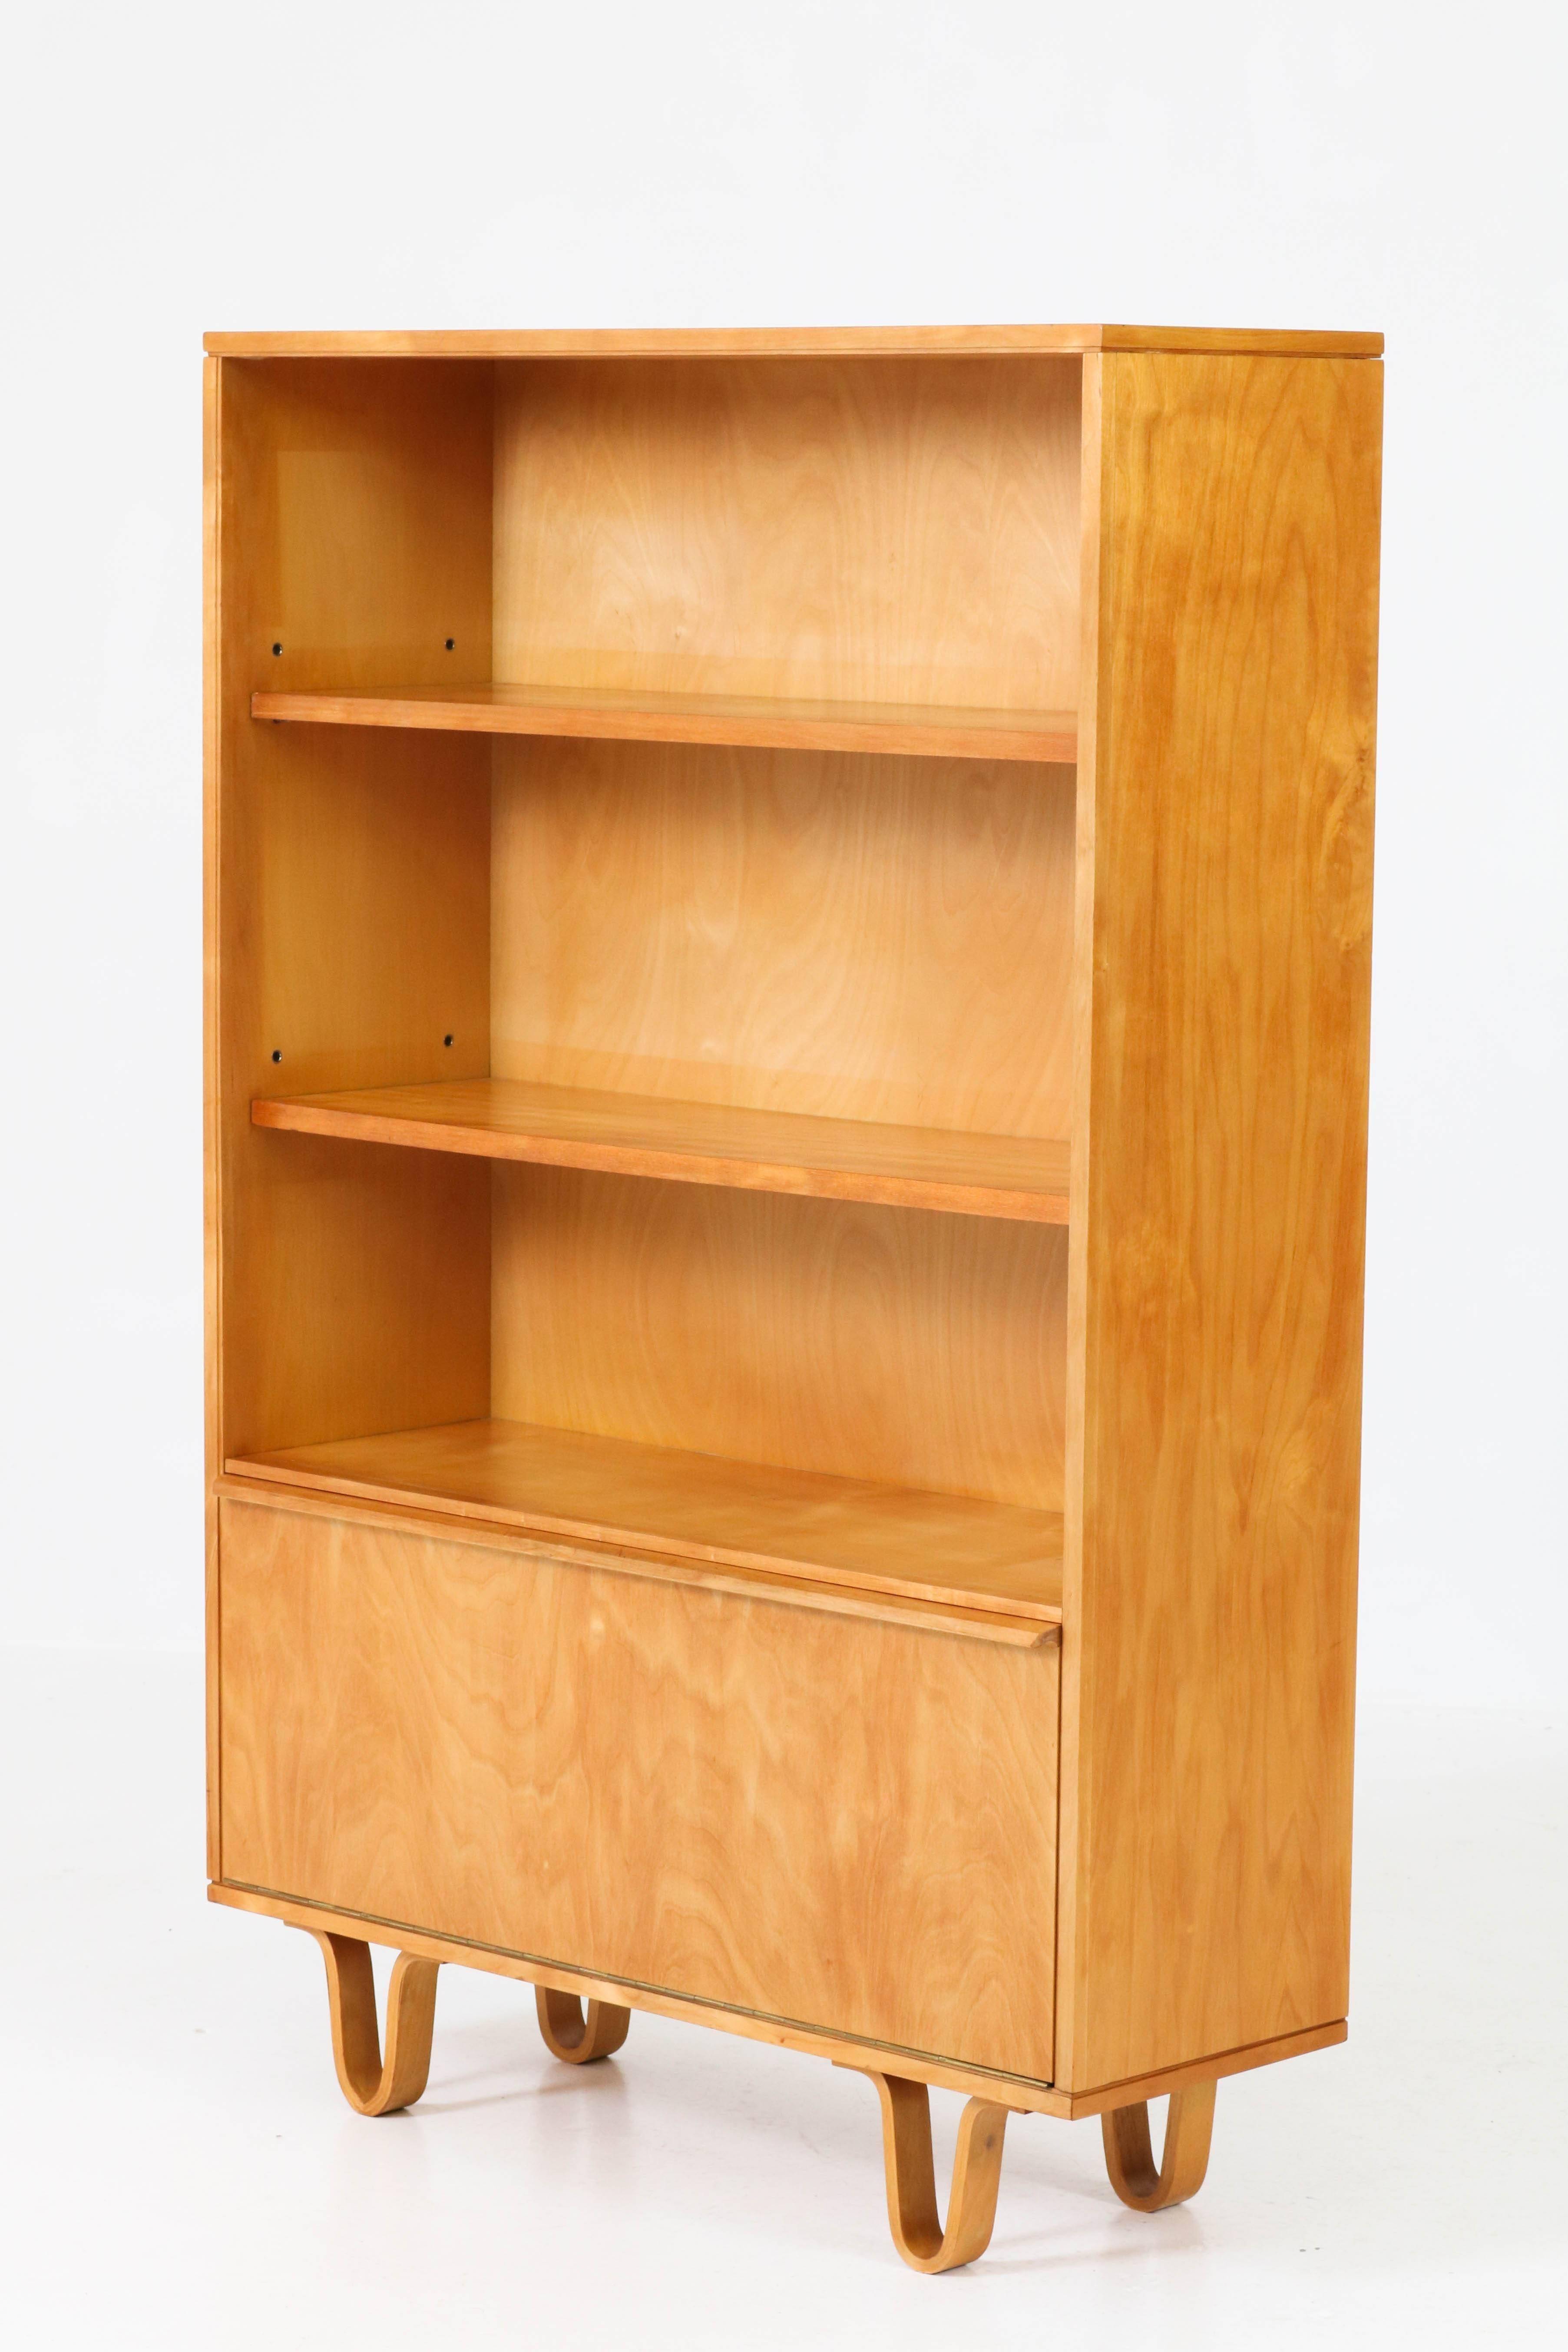 Birch Mid Century Modern Bb03 Bookcase By Cees Braakman